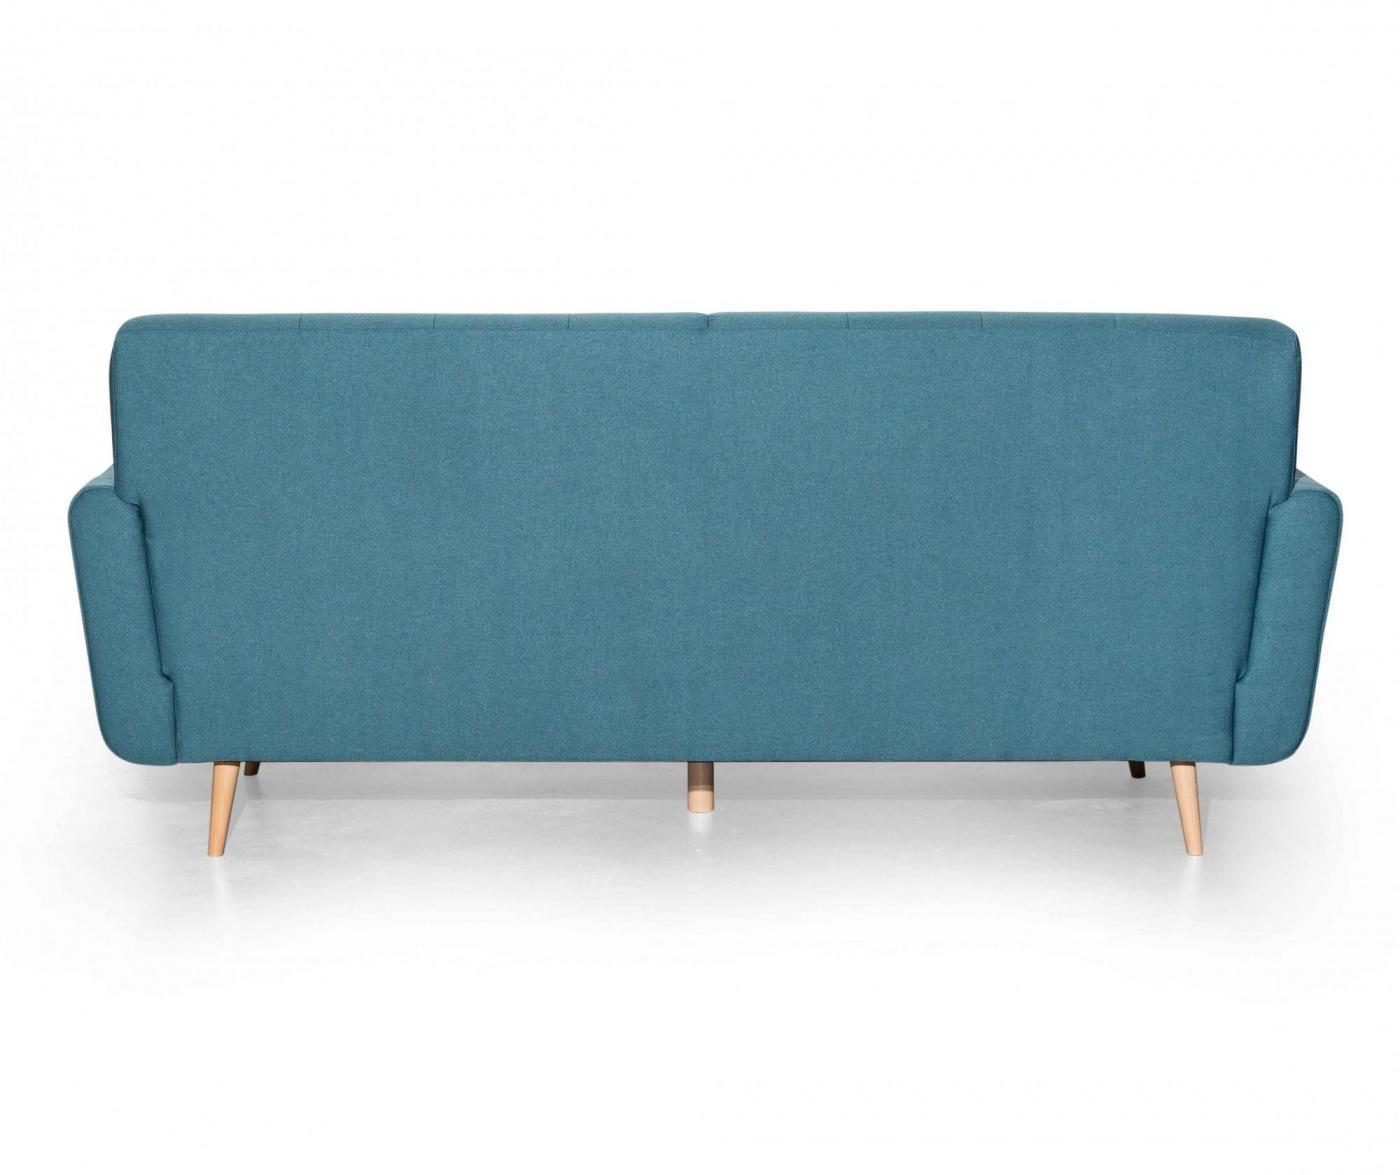 Canapea 3 locuri Retro Zander Light Blue